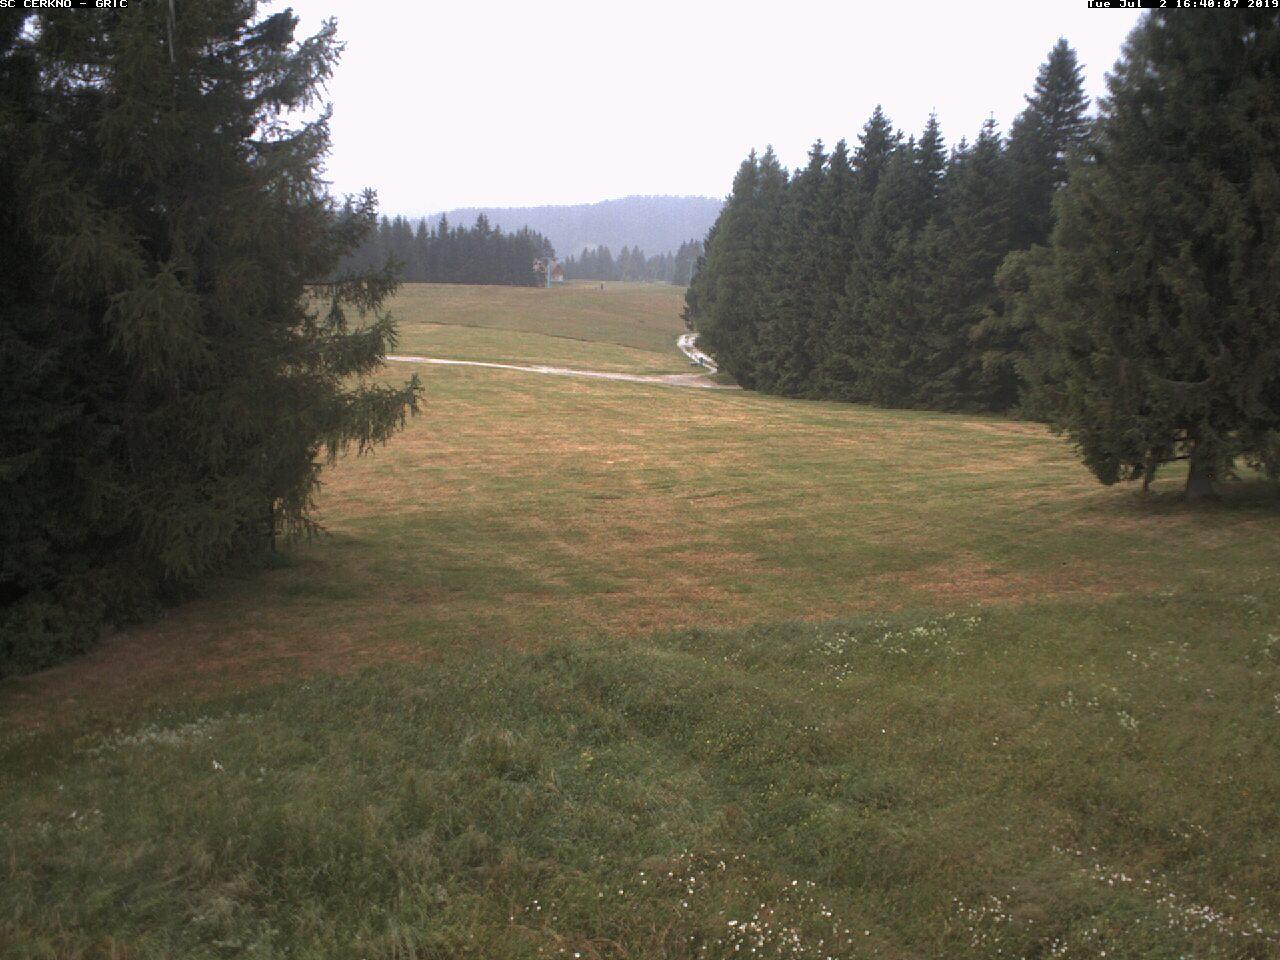 Camera ski track Grič